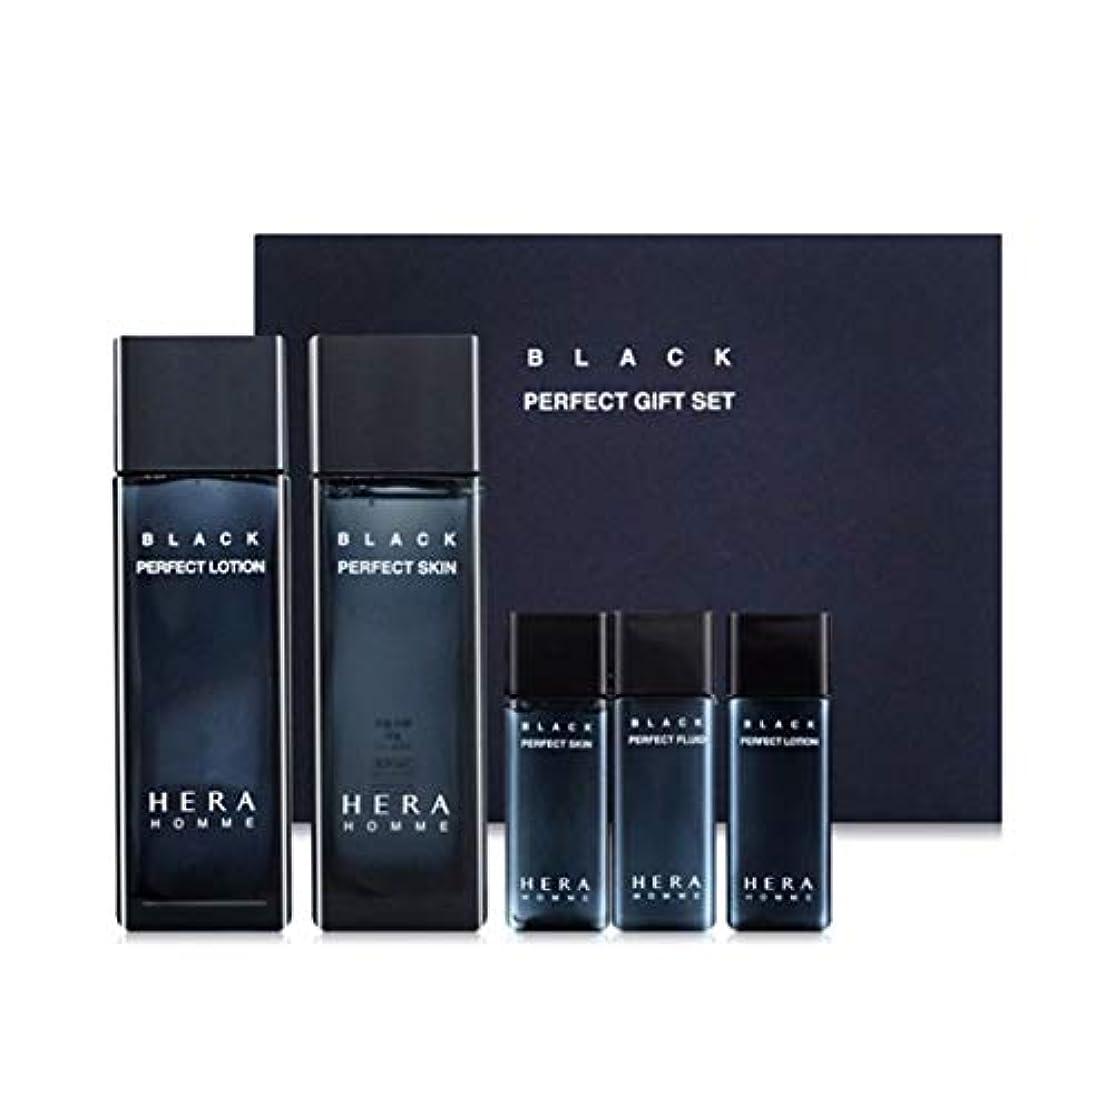 ブリッジ大腿スキャンダルヘラオムブラックパーフェクトスキンローションセットメンズコスメ韓国コスメ、Hera Homme Black Perfect Skin Lotion Set Men's Cosmetics Korean Cosmetics [並行輸入品]